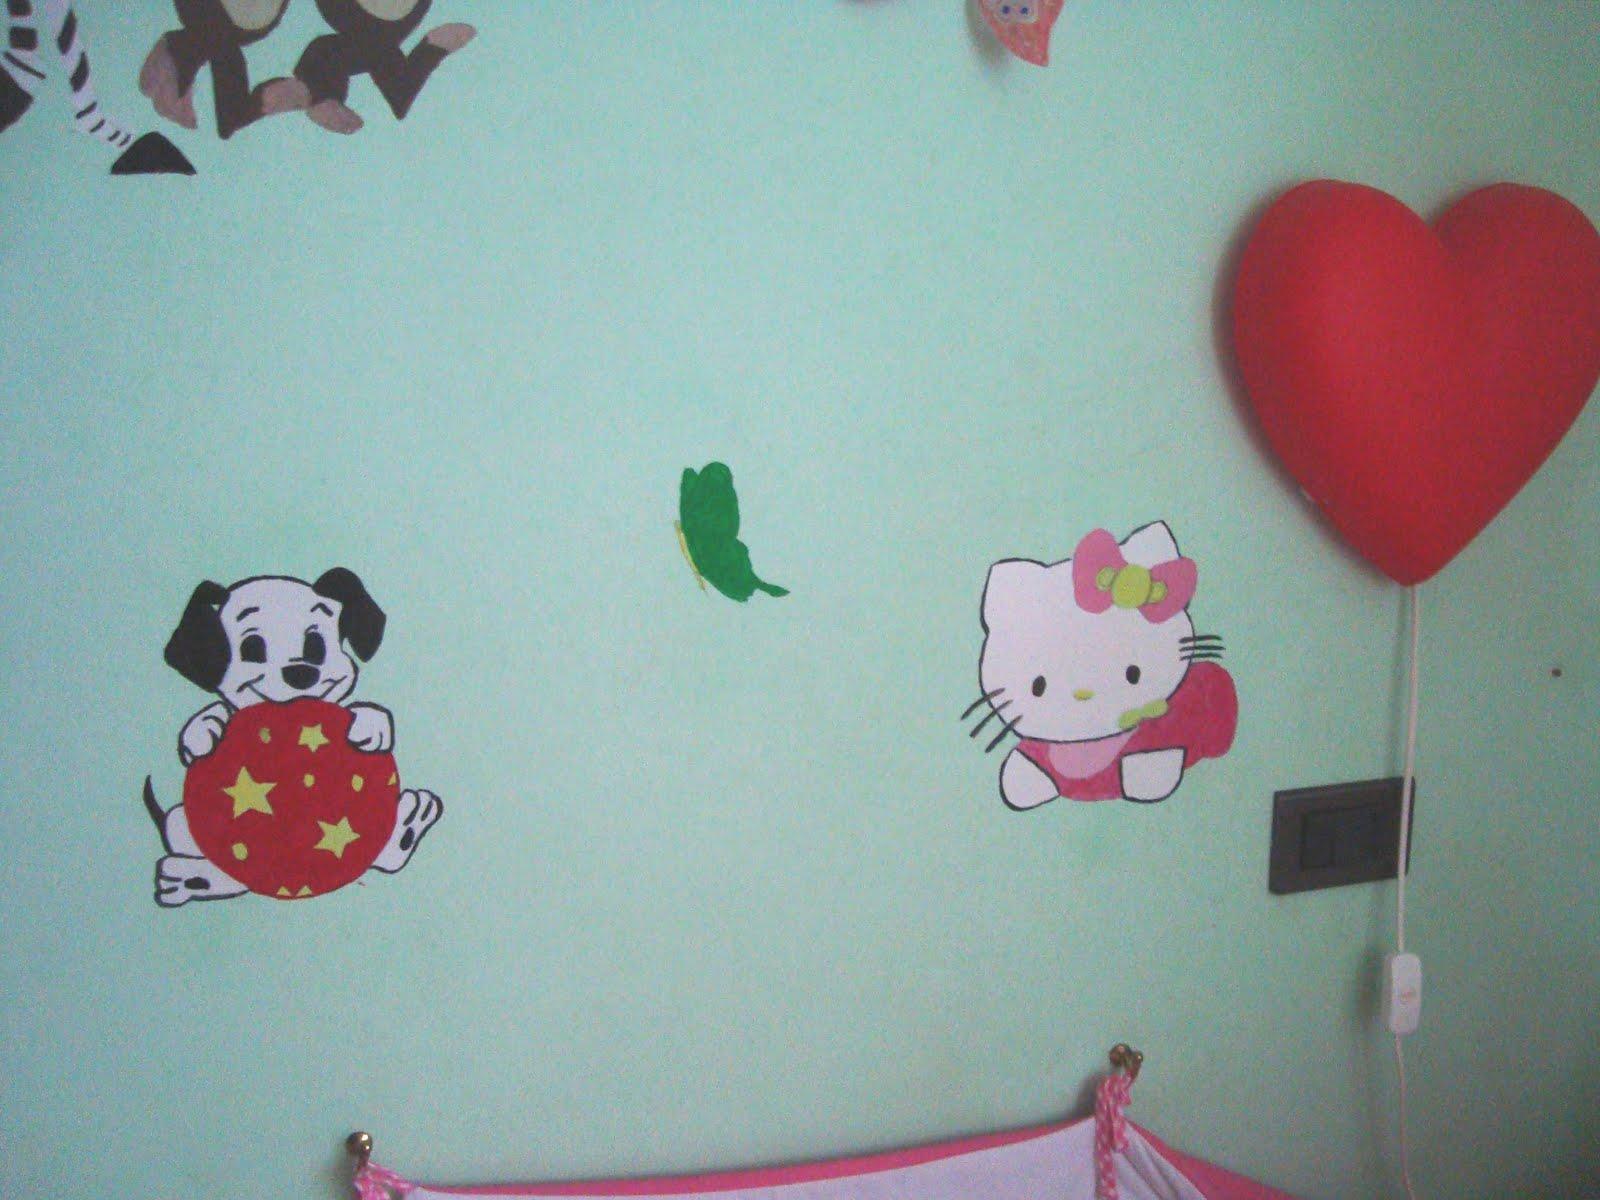 Mamma ed oltre e il riciclo creativo murales e disegni per la cameretta dei bambini tutto fai - Murales cameretta bimbi ...